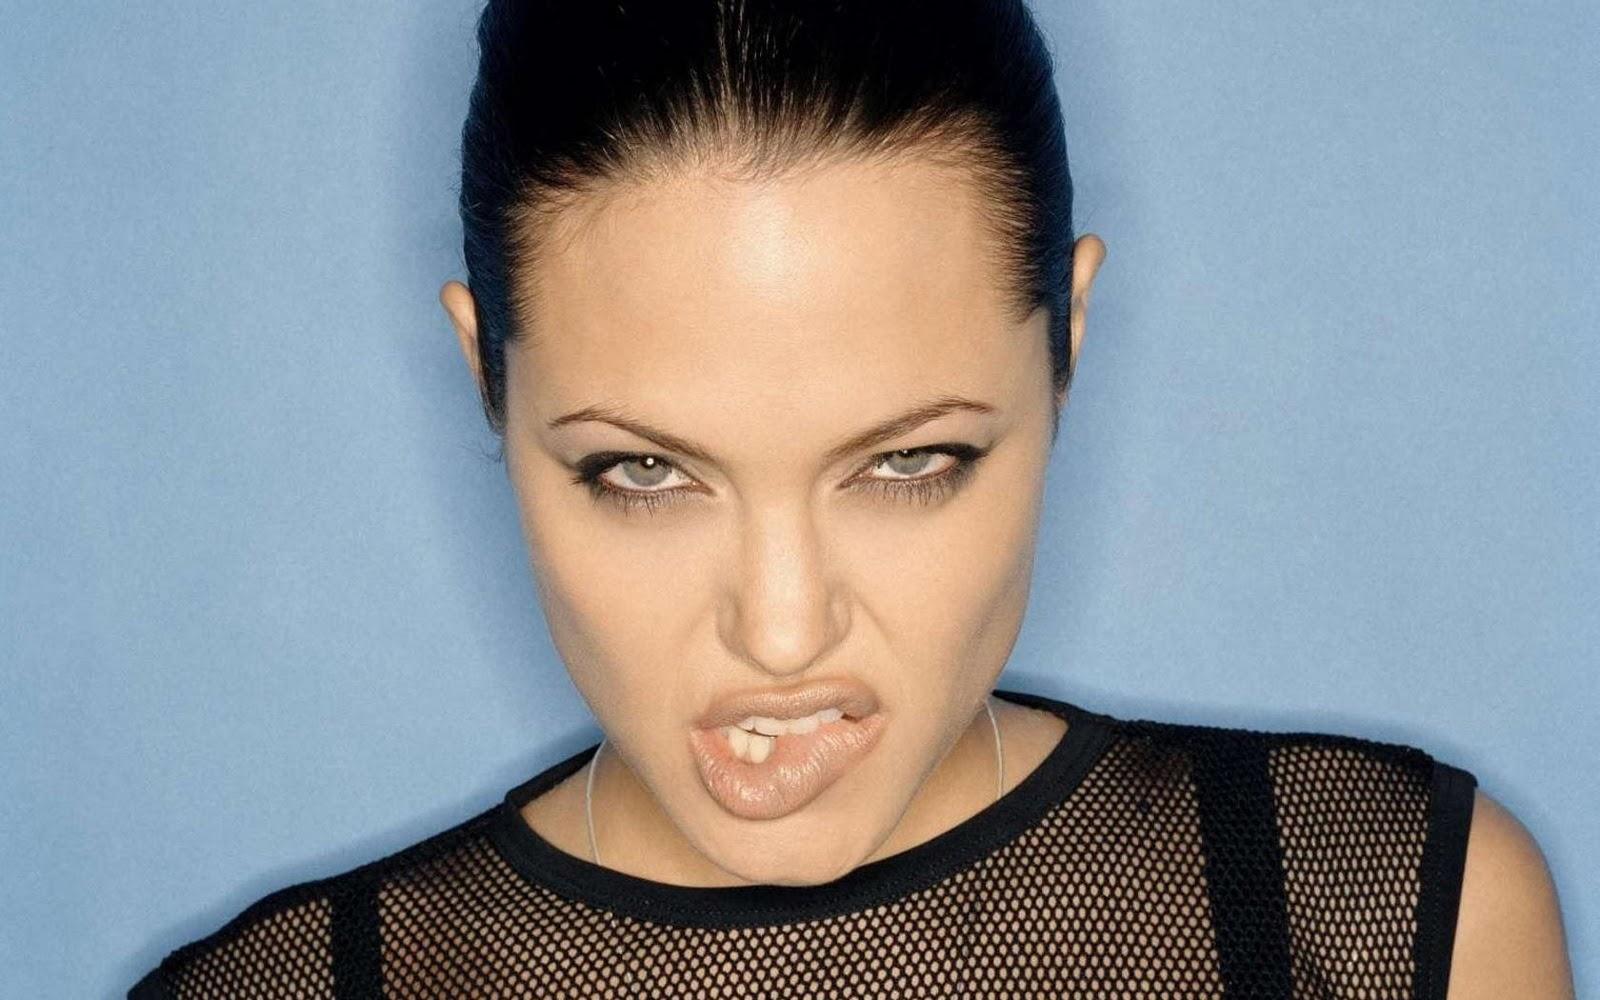 http://3.bp.blogspot.com/-fhL4kz0RnBA/TnTxpDvBunI/AAAAAAAAASo/uG4uj8FbS8Y/s1600/Angelina-Jolie-sexy-sheer-biting-lip.jpg